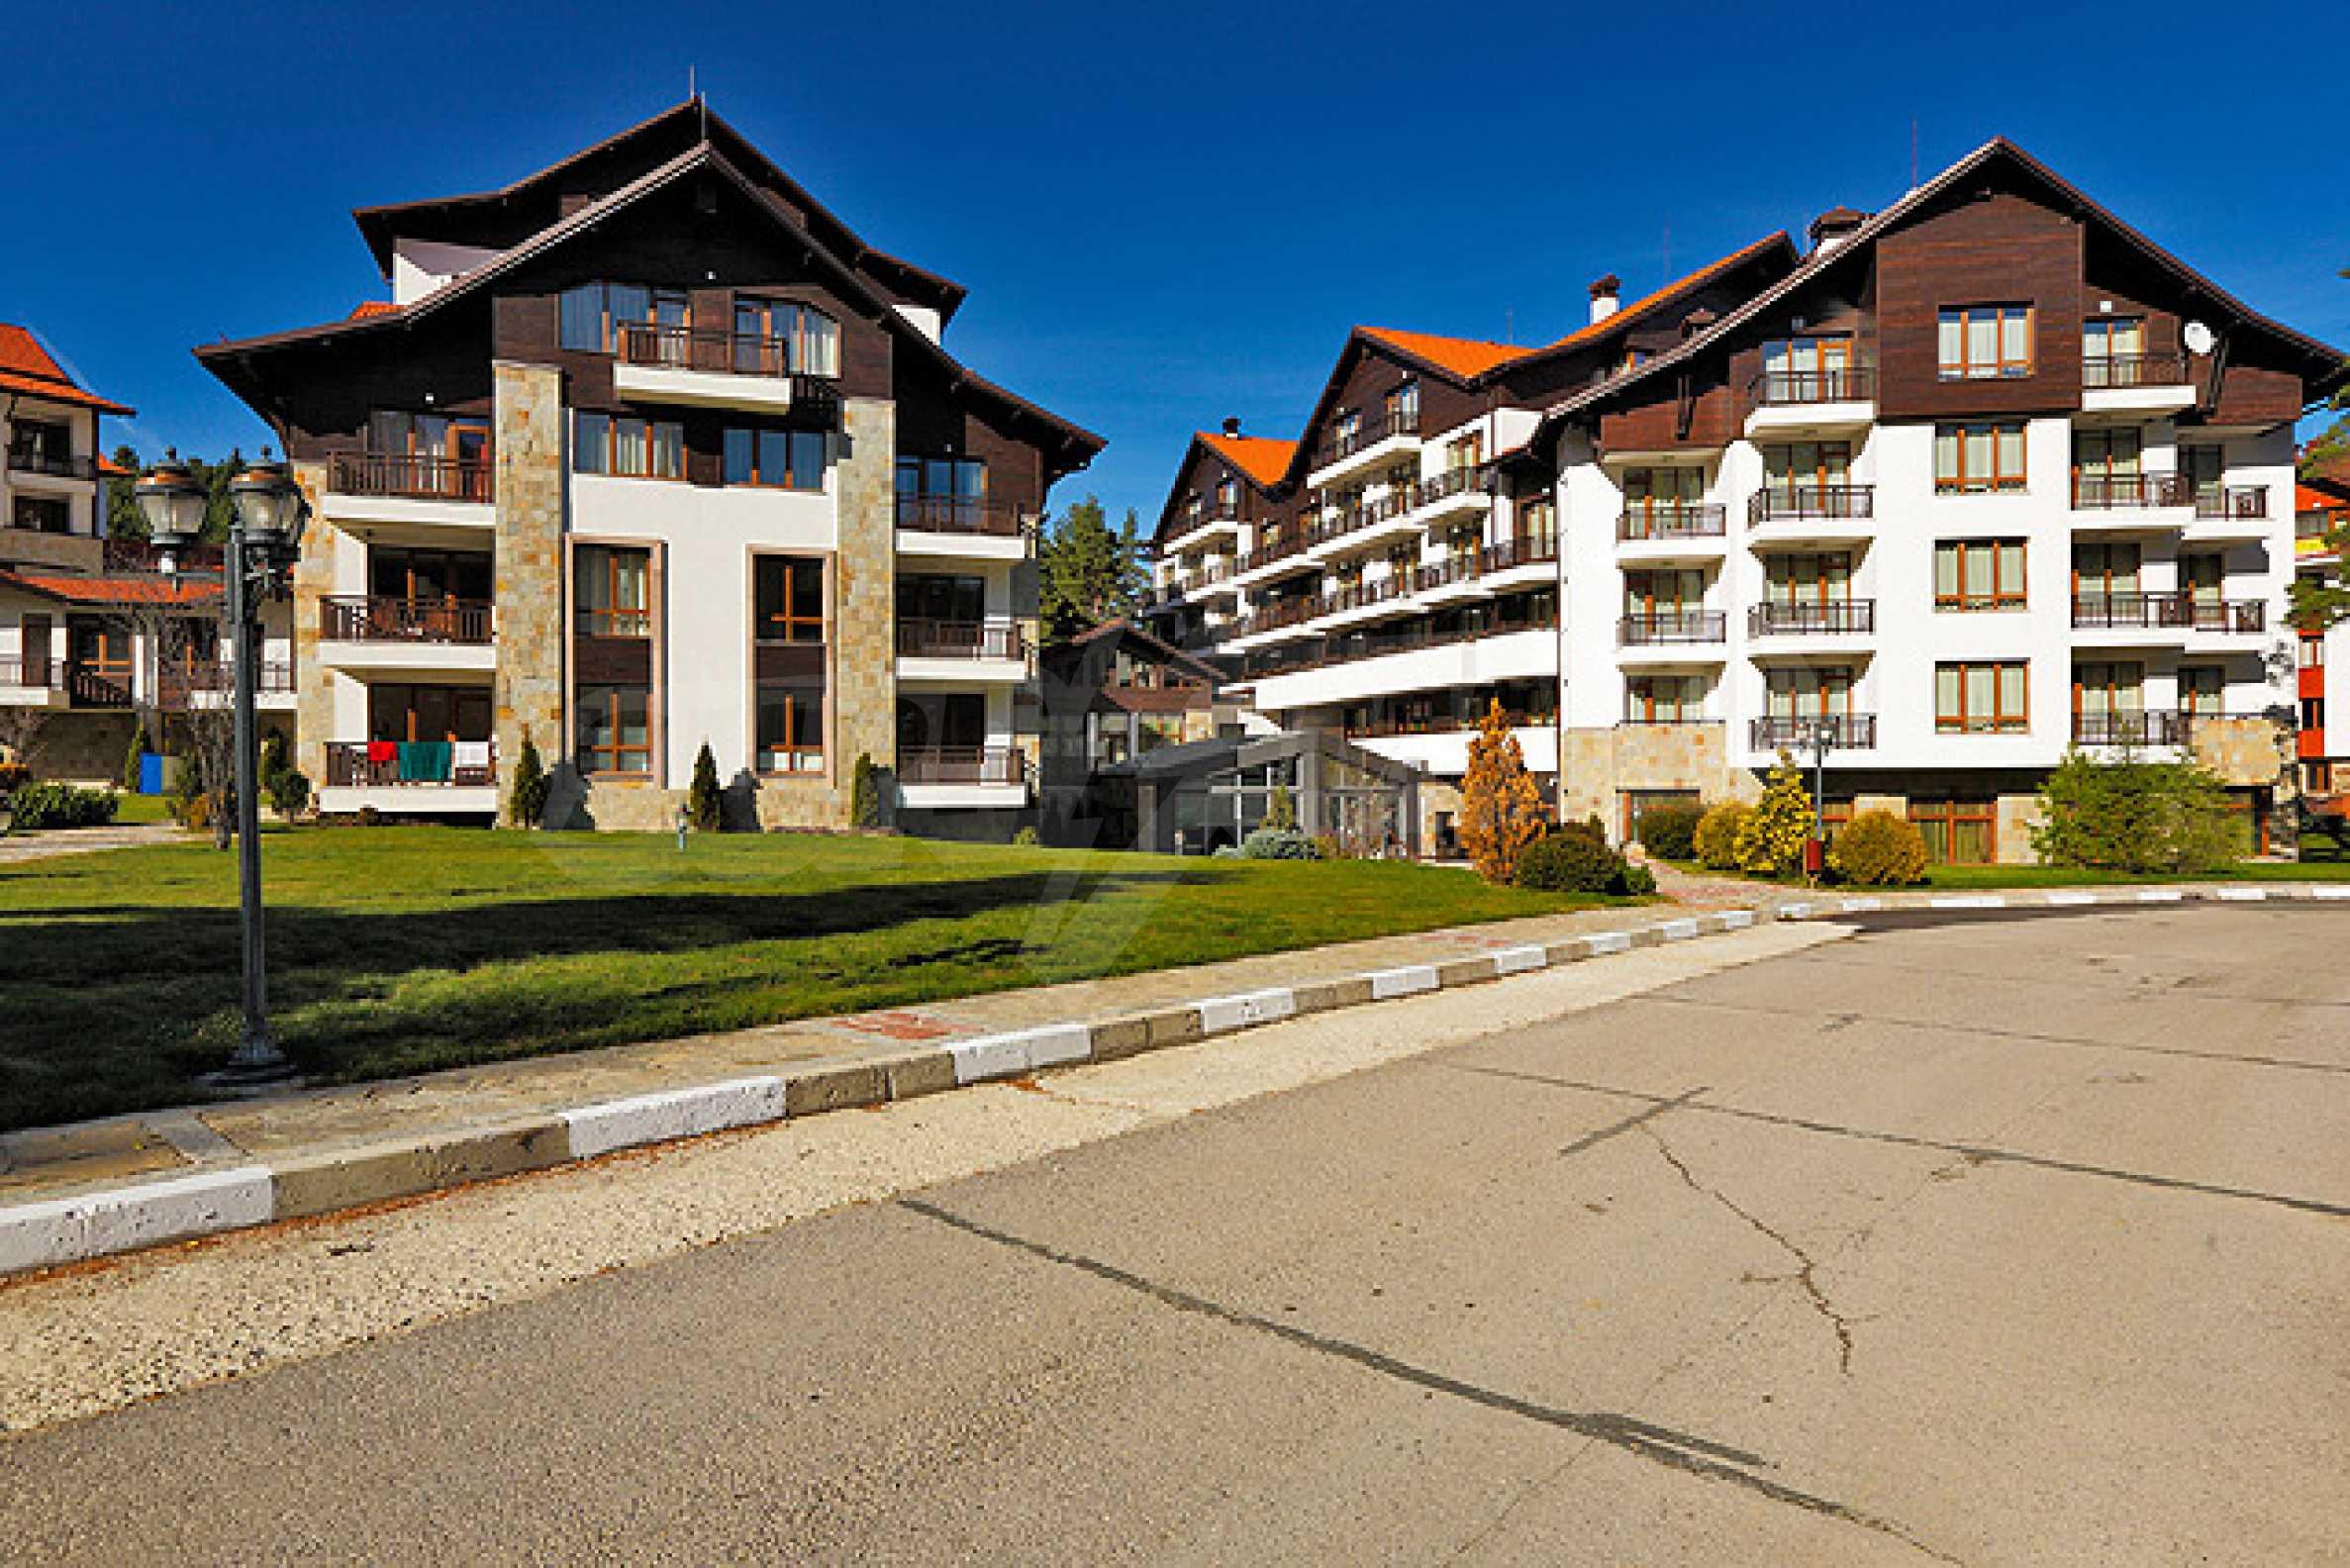 Erstklassige Wohnungen zum Verkauf Meter von der Yastrebets-Strecke in Borovets entfernt